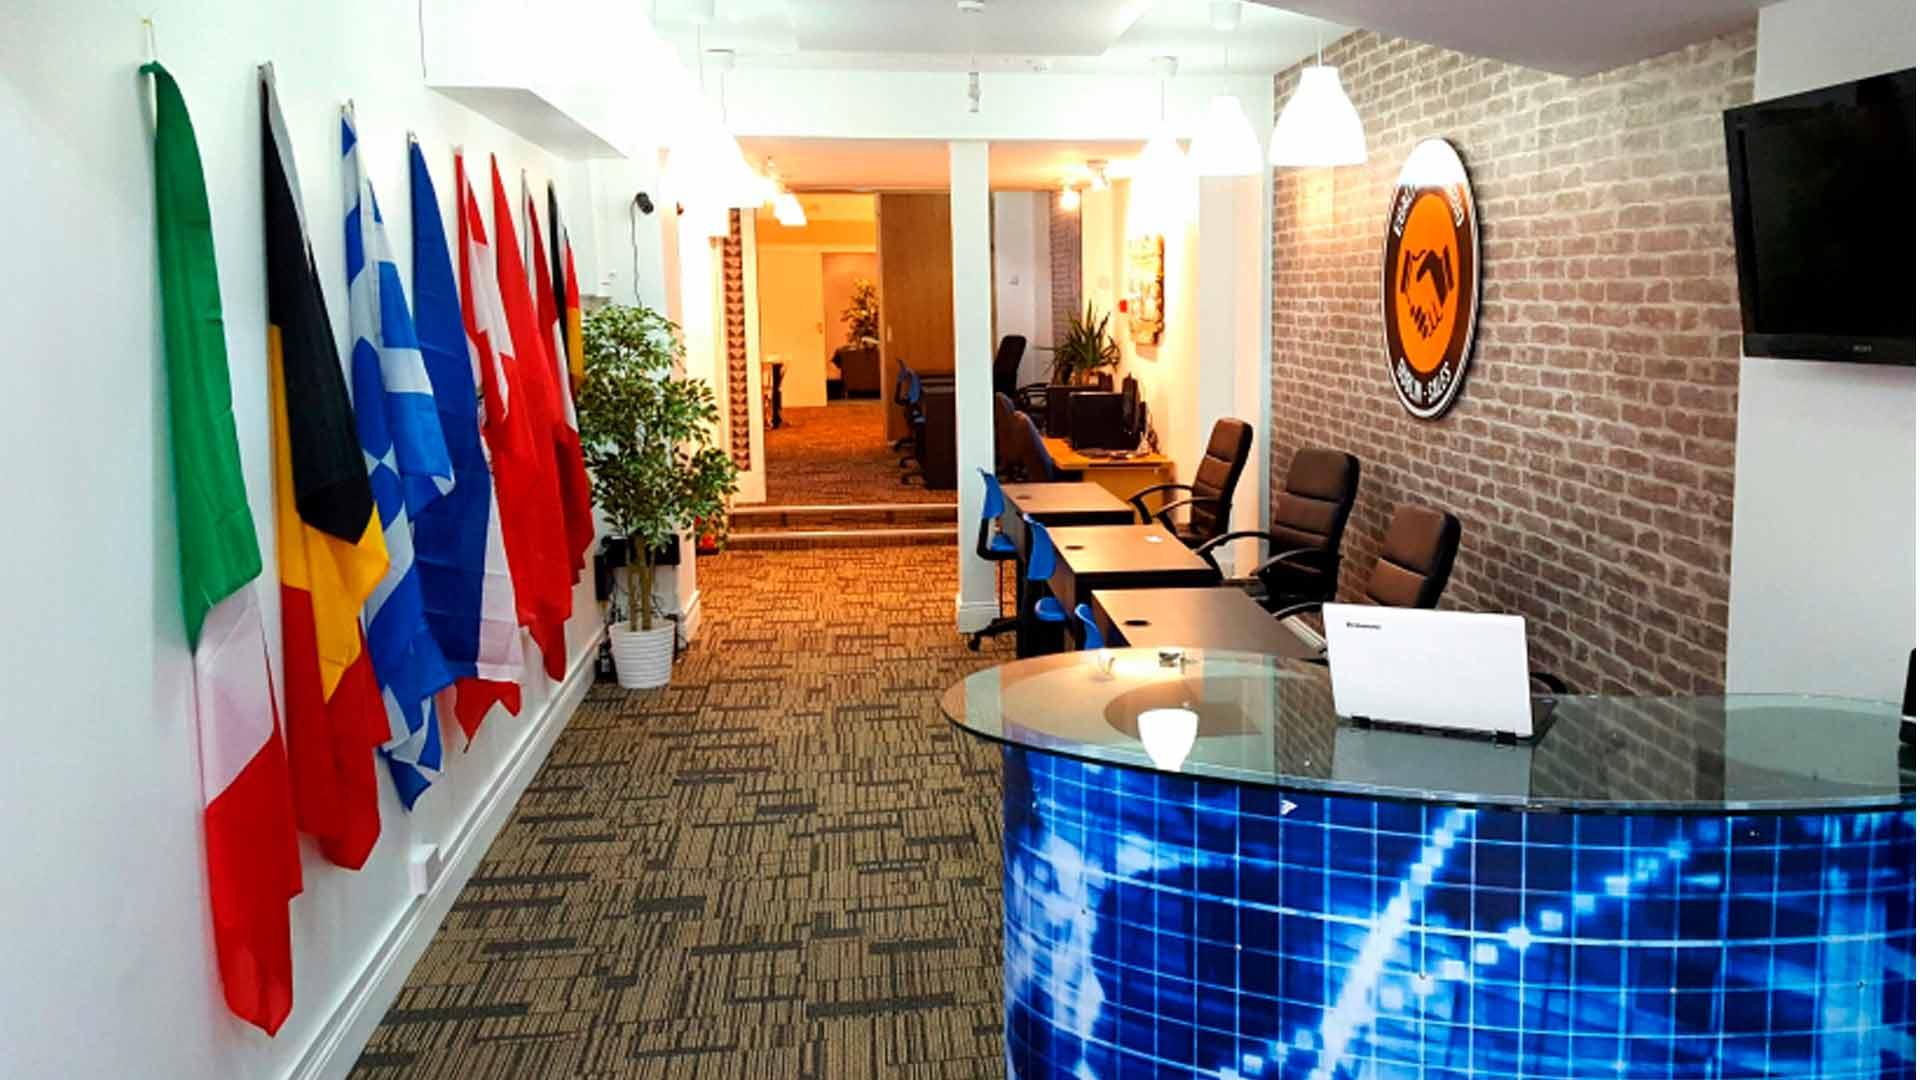 Egali é uma das melhroes agências de intercâmbio do Brasil